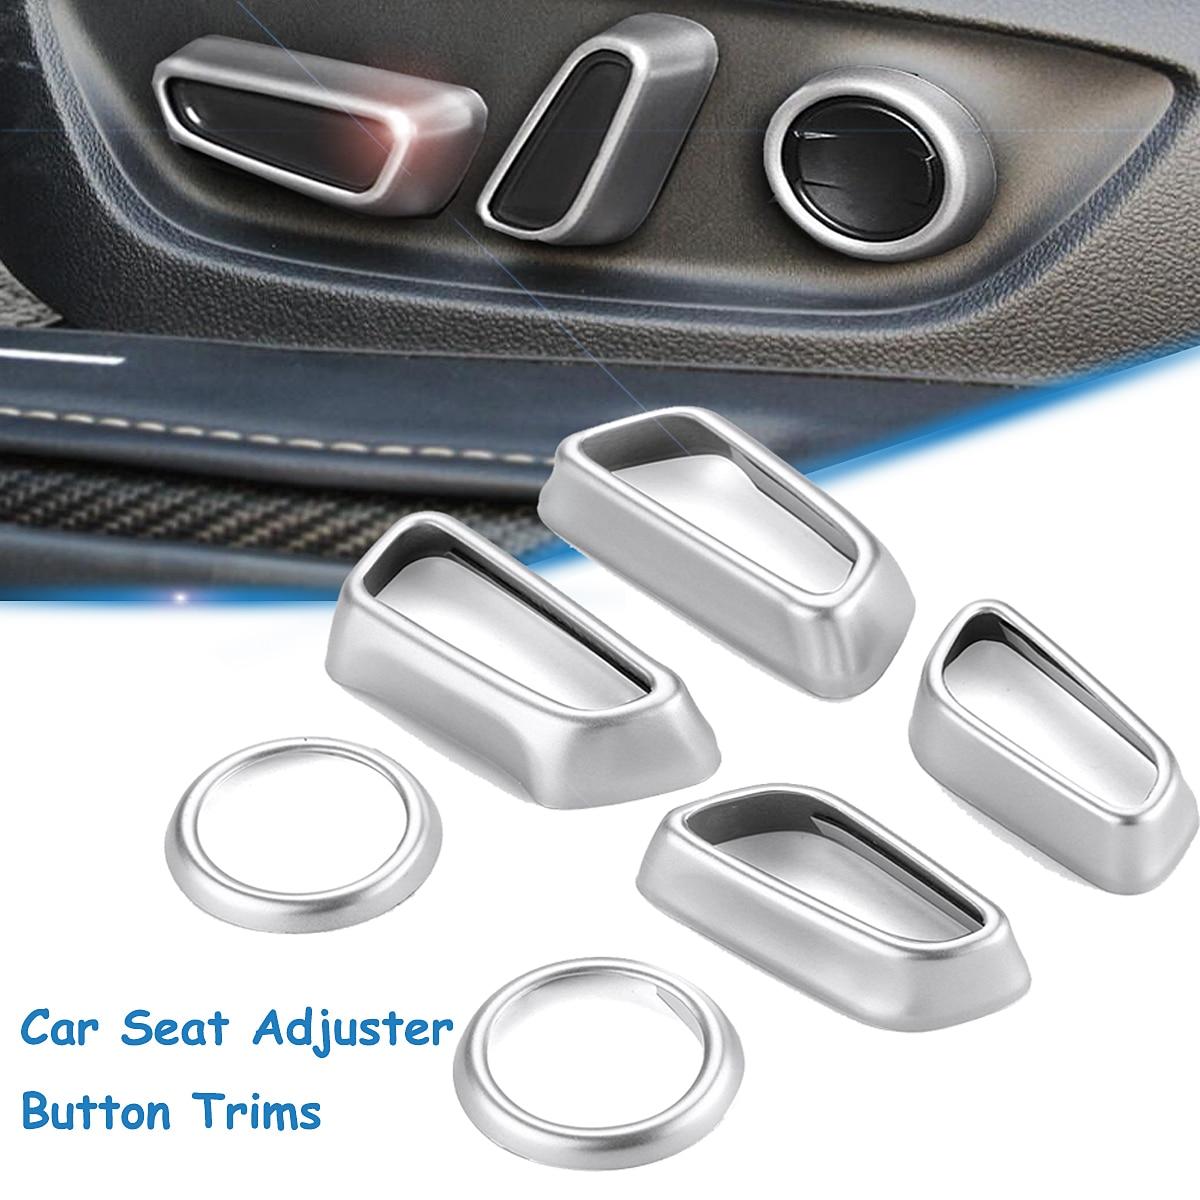 6 шт. переключатель салона автомобиля Обложка отделка Chrome основа украшения для Toyota Camry 2018 2019 стайлинга автомобилей аксессуары